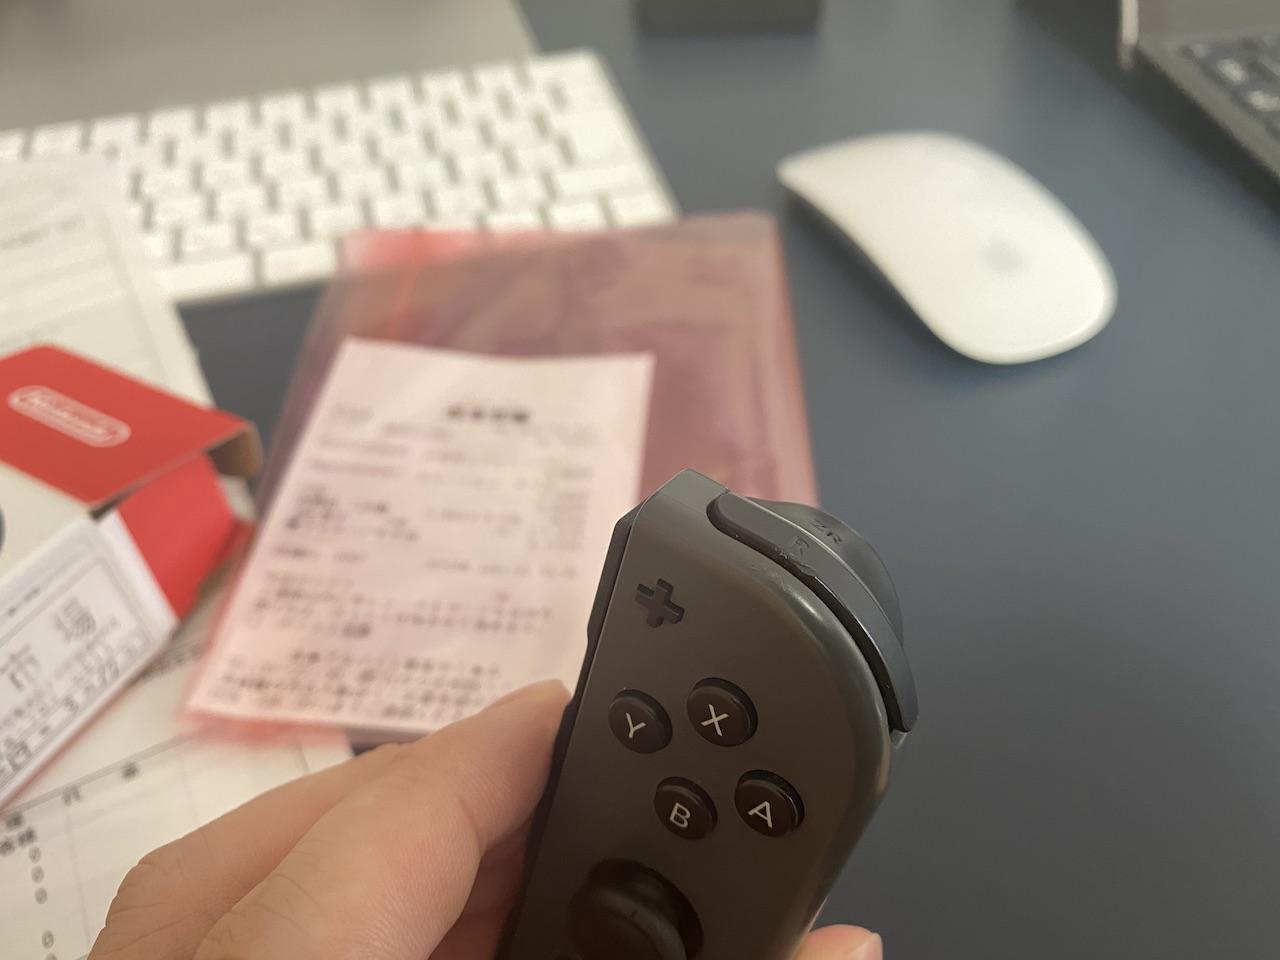 ニンテンドースイッチのジョイコンのRが反応しなくなったので修理依頼に出してみたら、、、